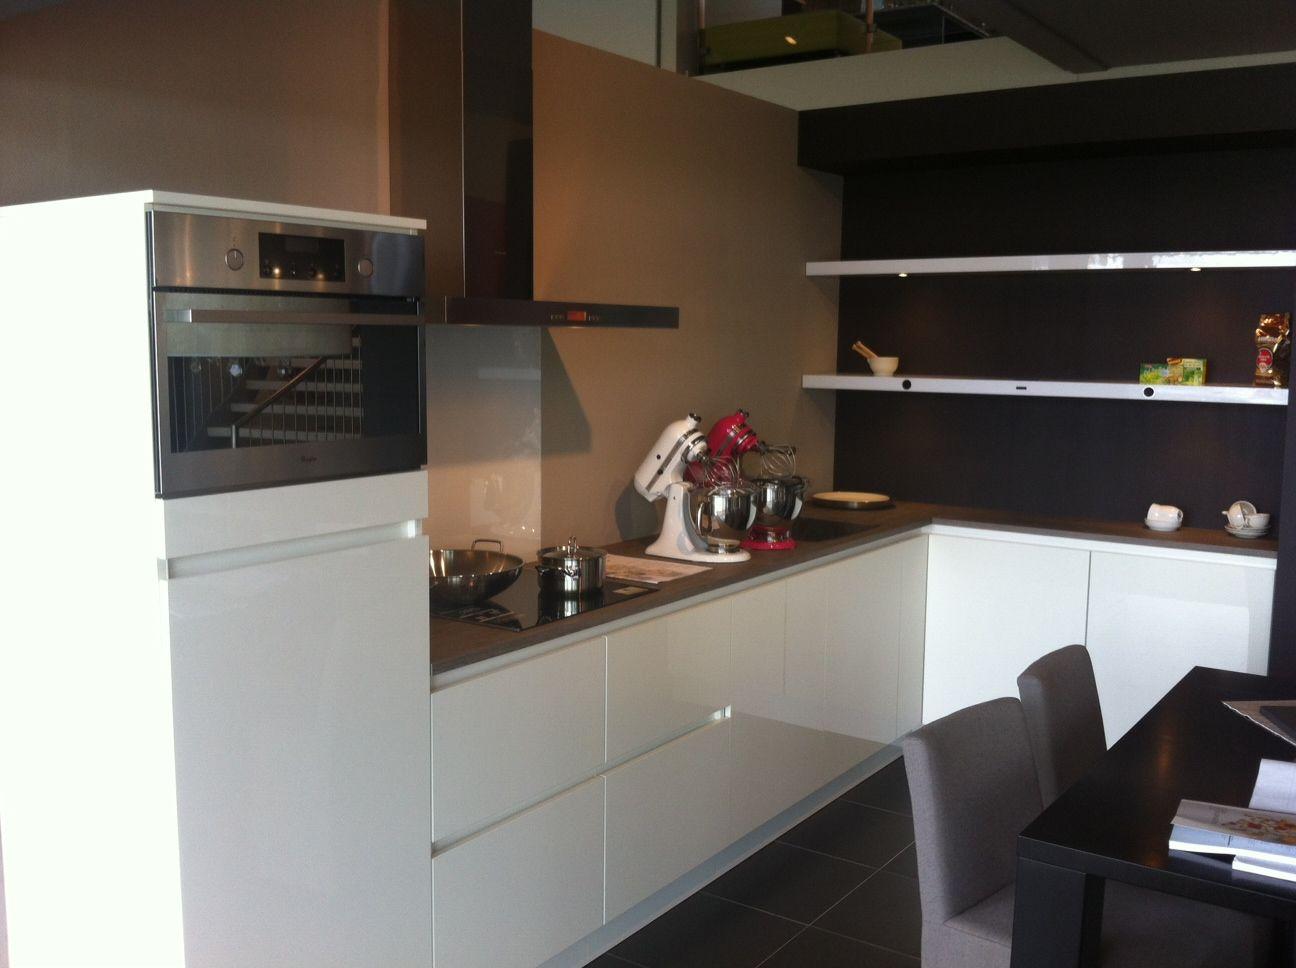 De voordeligste woonwinkel van nederland keller gl4000 hoogglans wit 53674 - Meubels keuken beneden cm ...